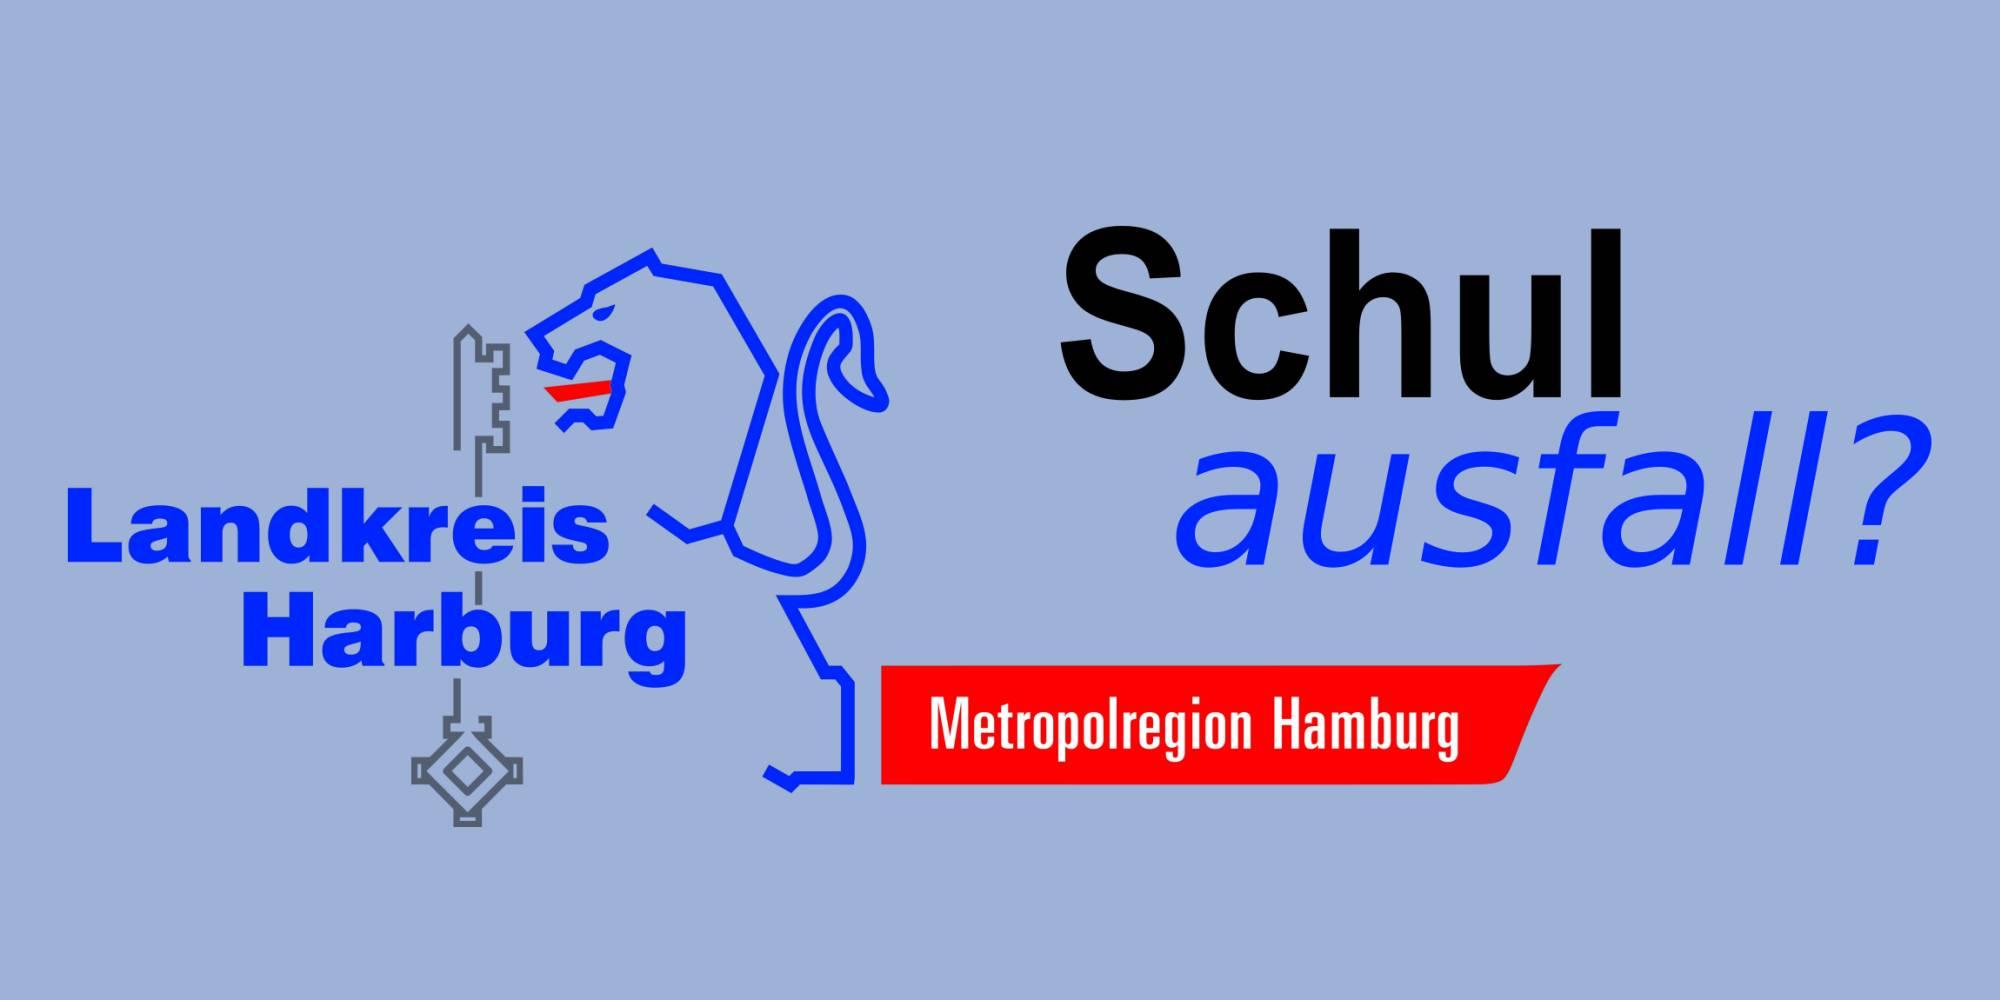 Logo-Schulausfall